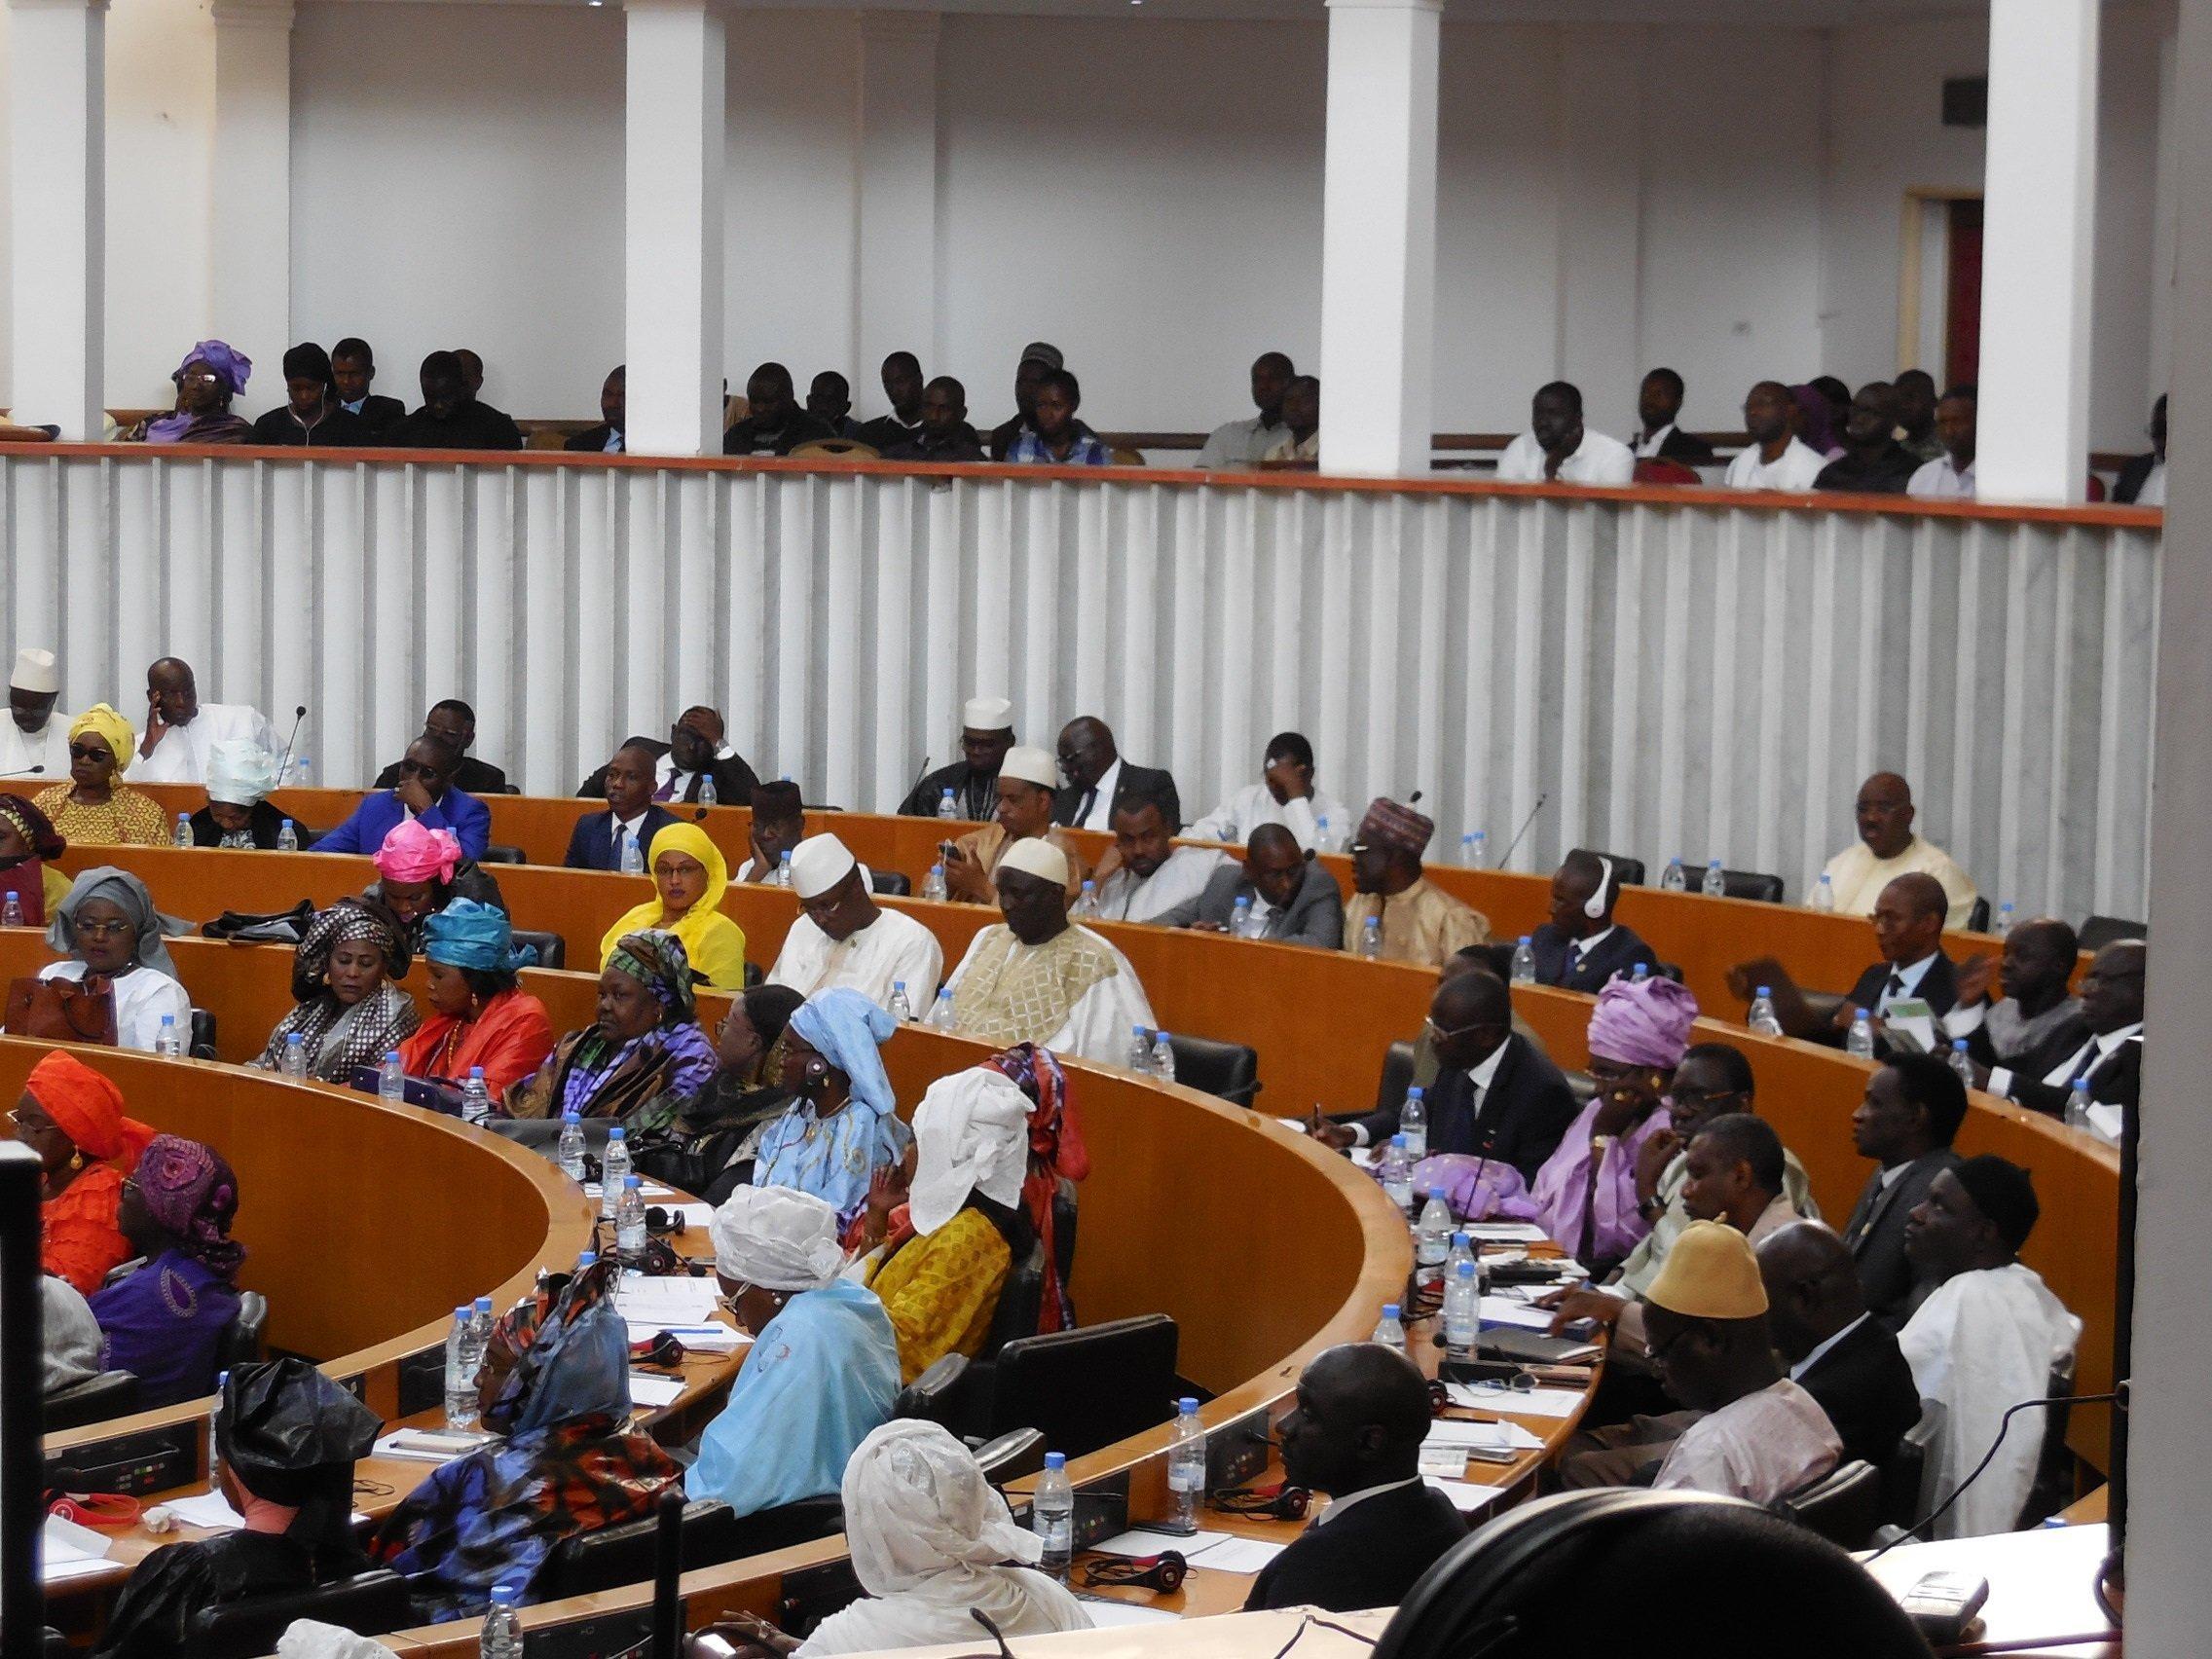 Vue partielle de l'Hémicycle de l'Assemblée nationale du Sénégal le 4 mai 2019 lors de l'examen du projet de loi pour supprimer le poste de Premier ministre au Sénégal